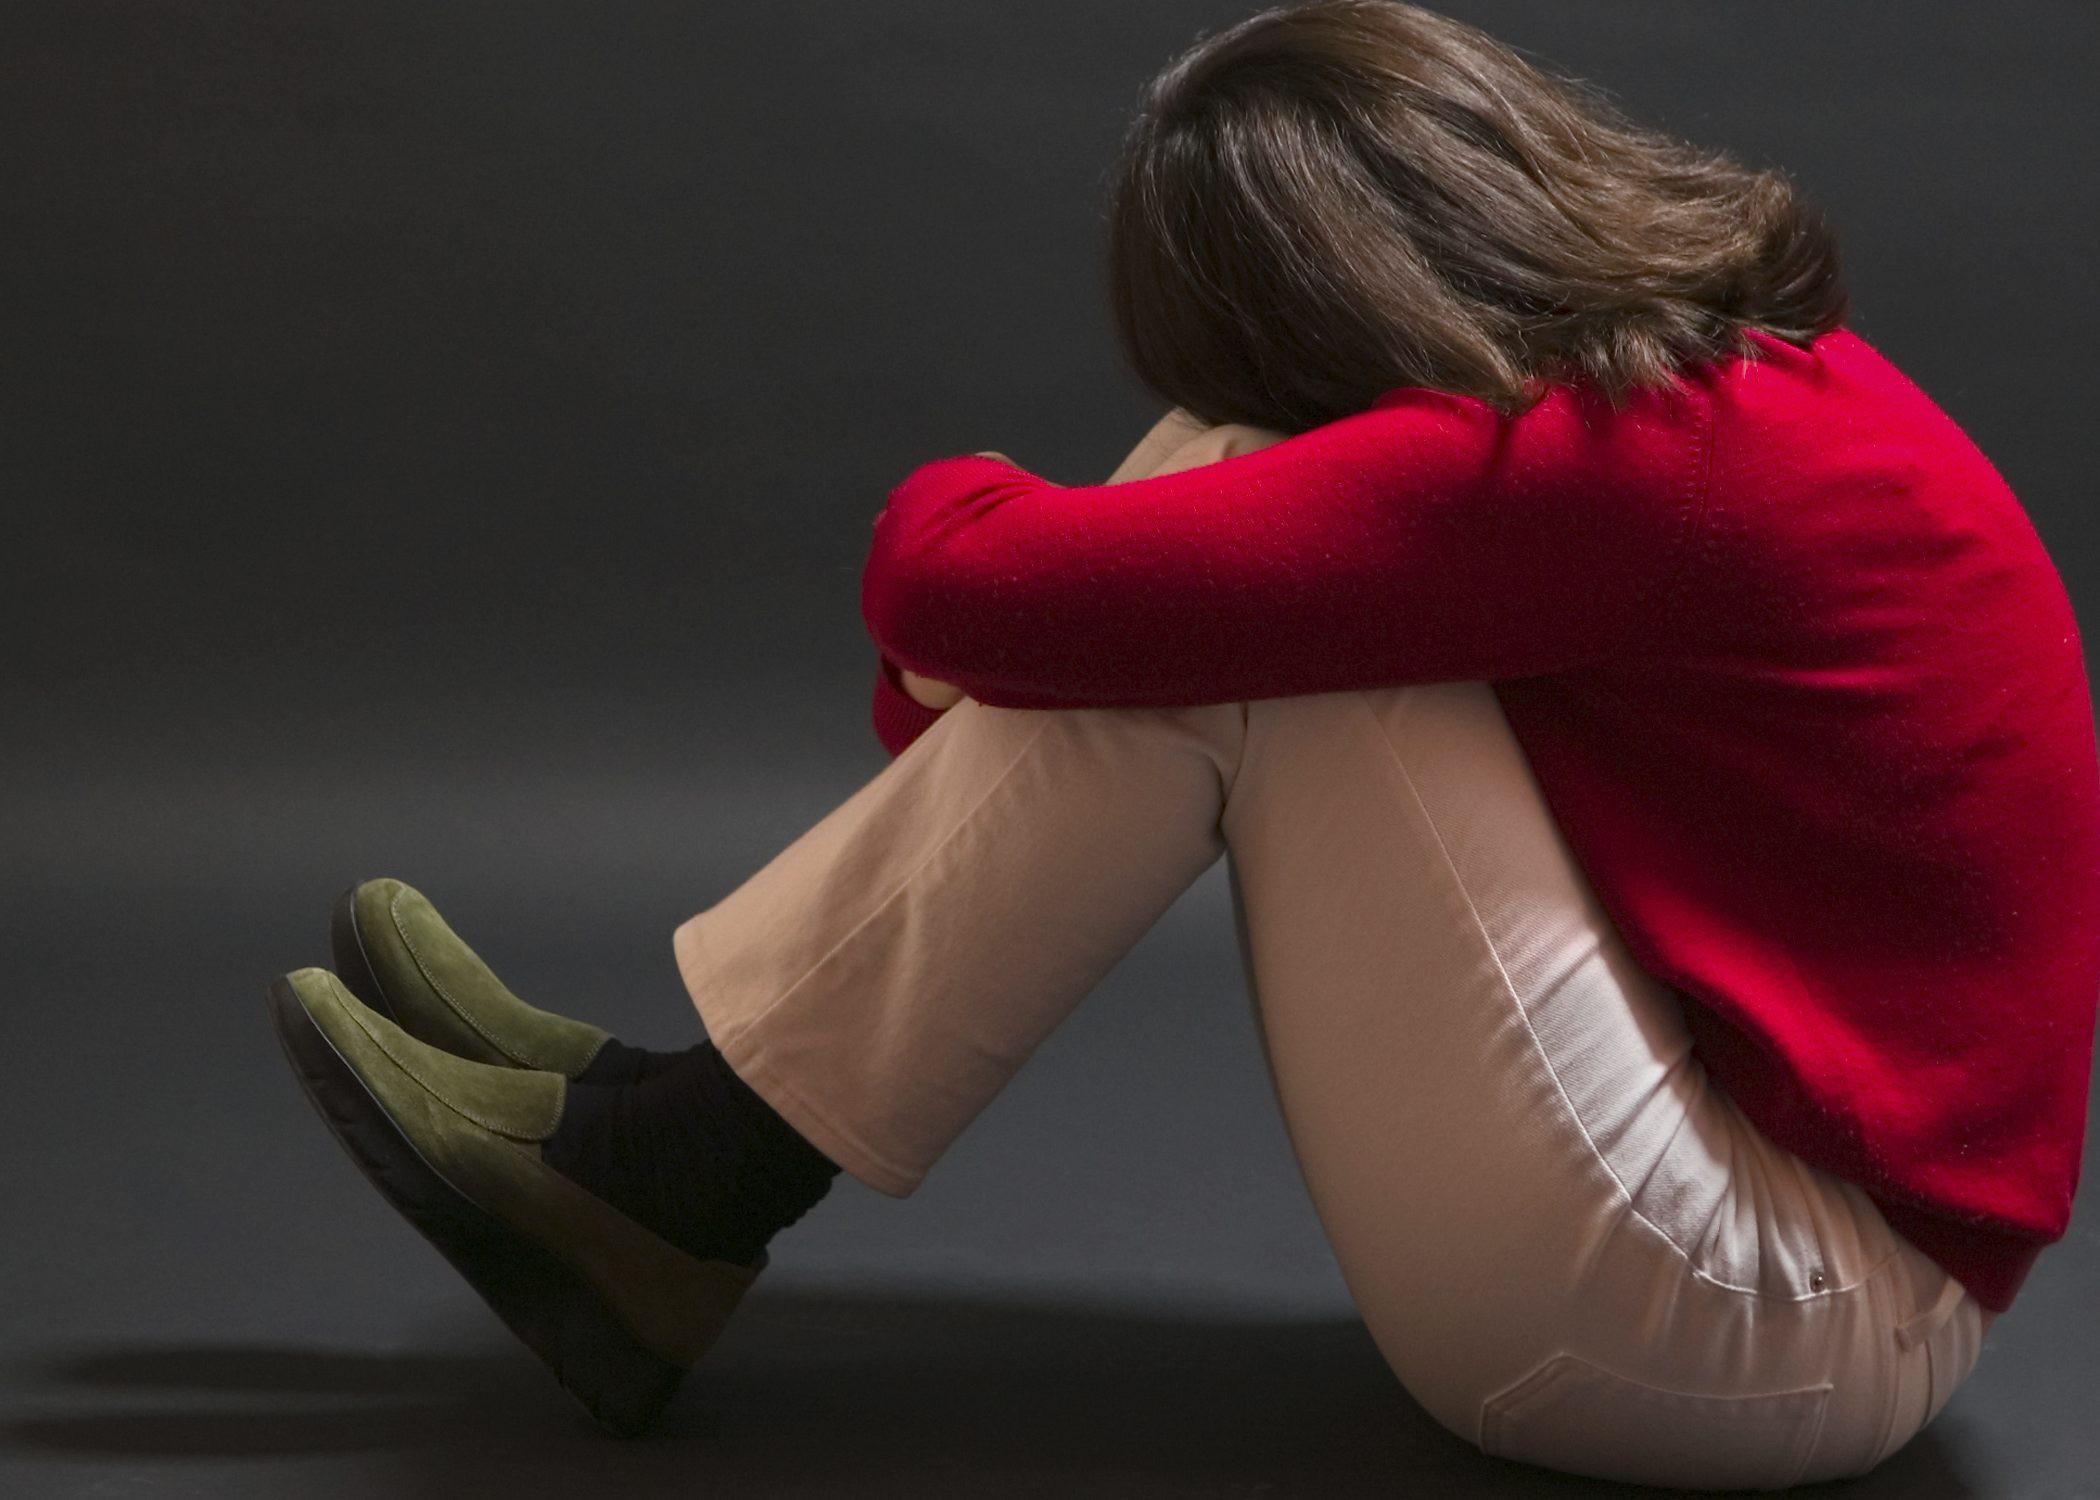 آیا افسردگی می تواند باعث ایجاد درد های جسمانی شود؟